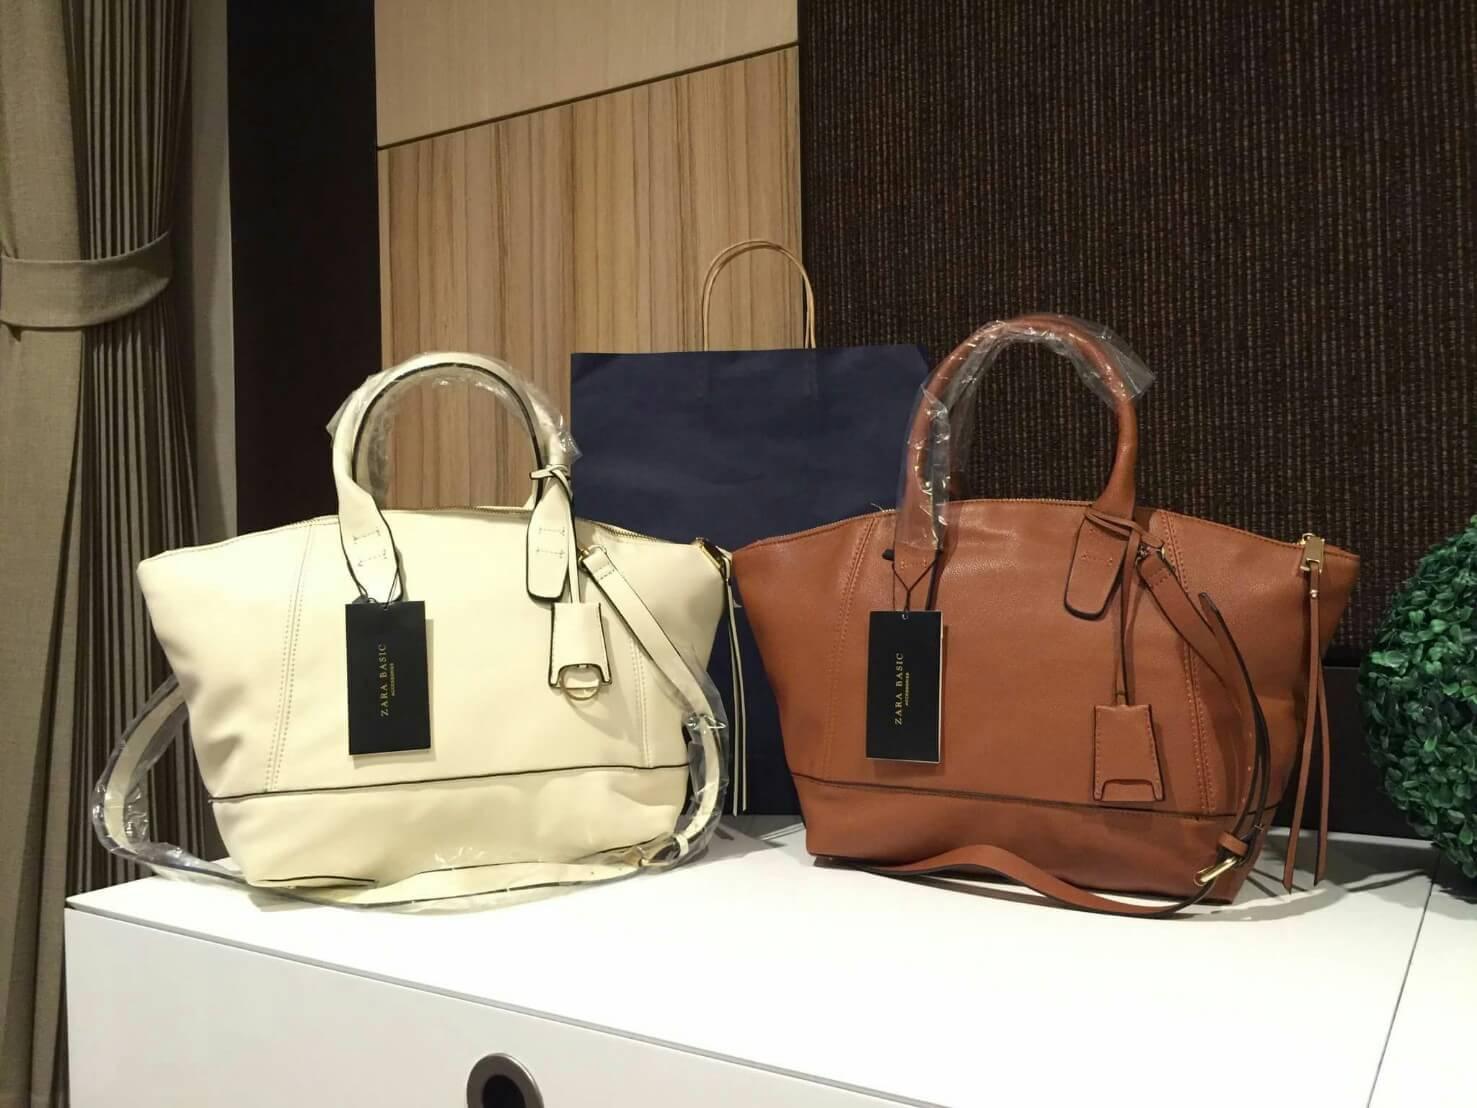 Zara Soft City Bag กระเป๋าสะพายหนังแกะสังเคราะห์เนื้อนิ่มเรียบ รุ่นใหม่ มี 2 สี